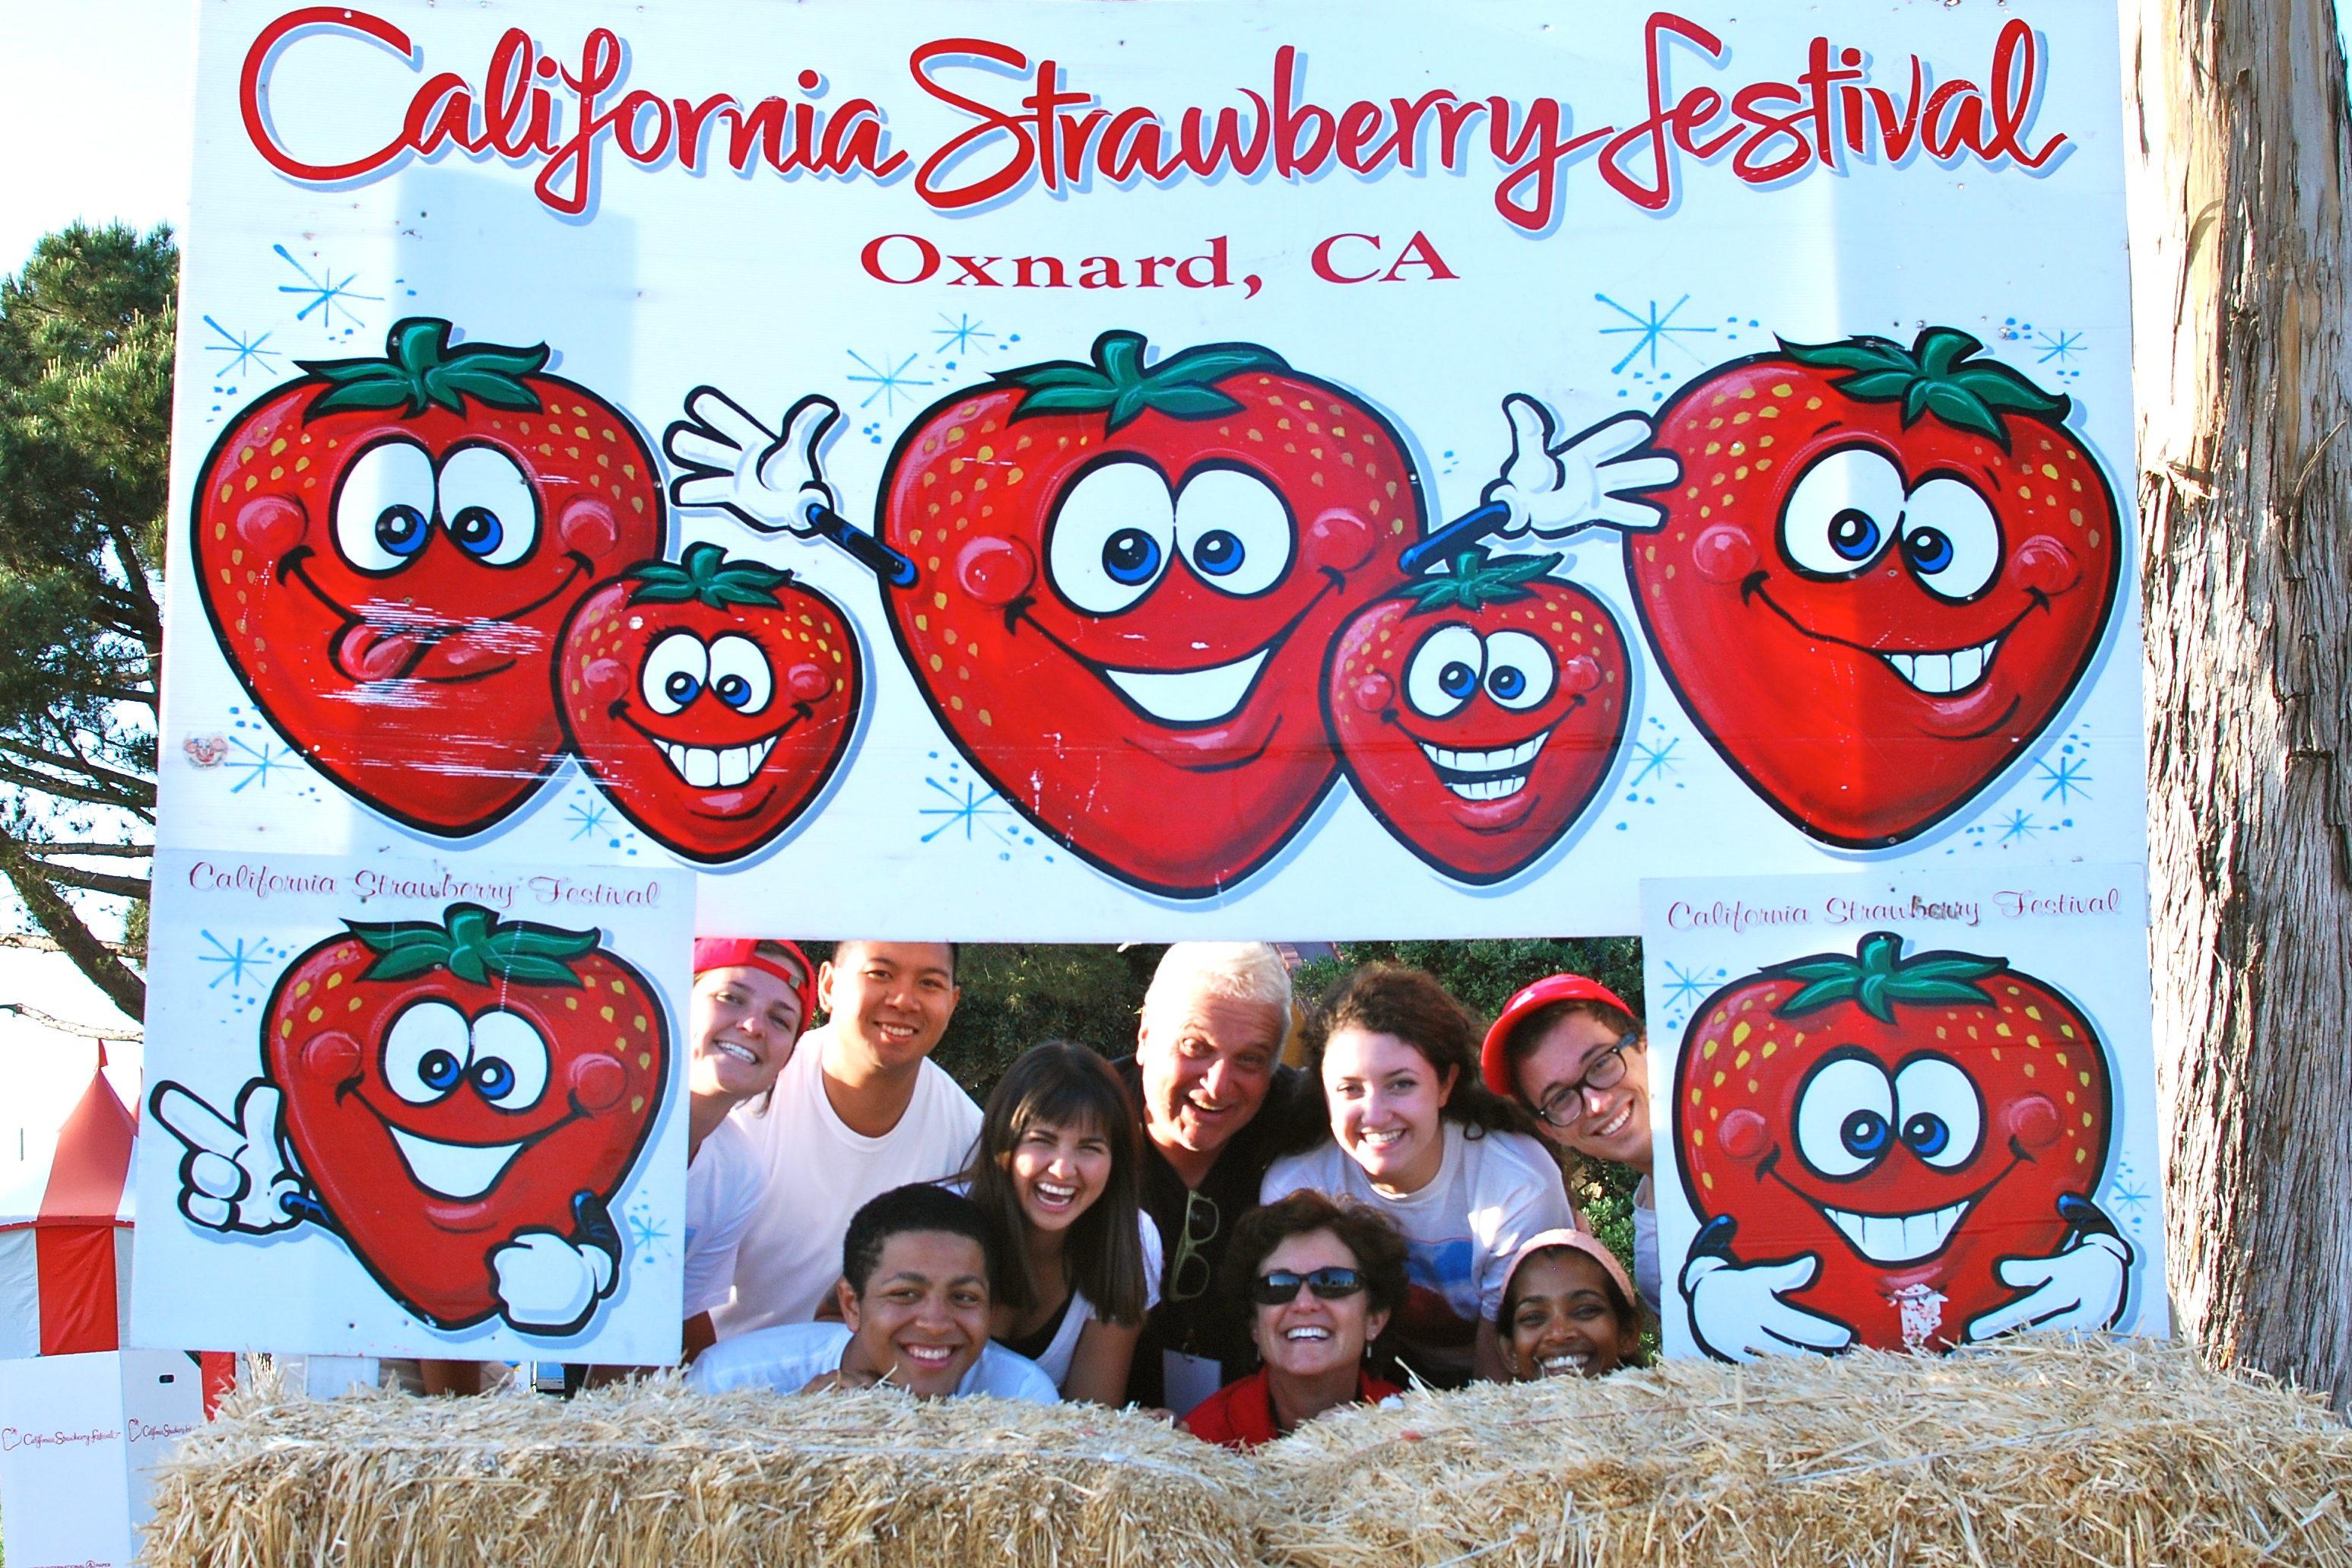 Strawberry Festival in Oxnard California